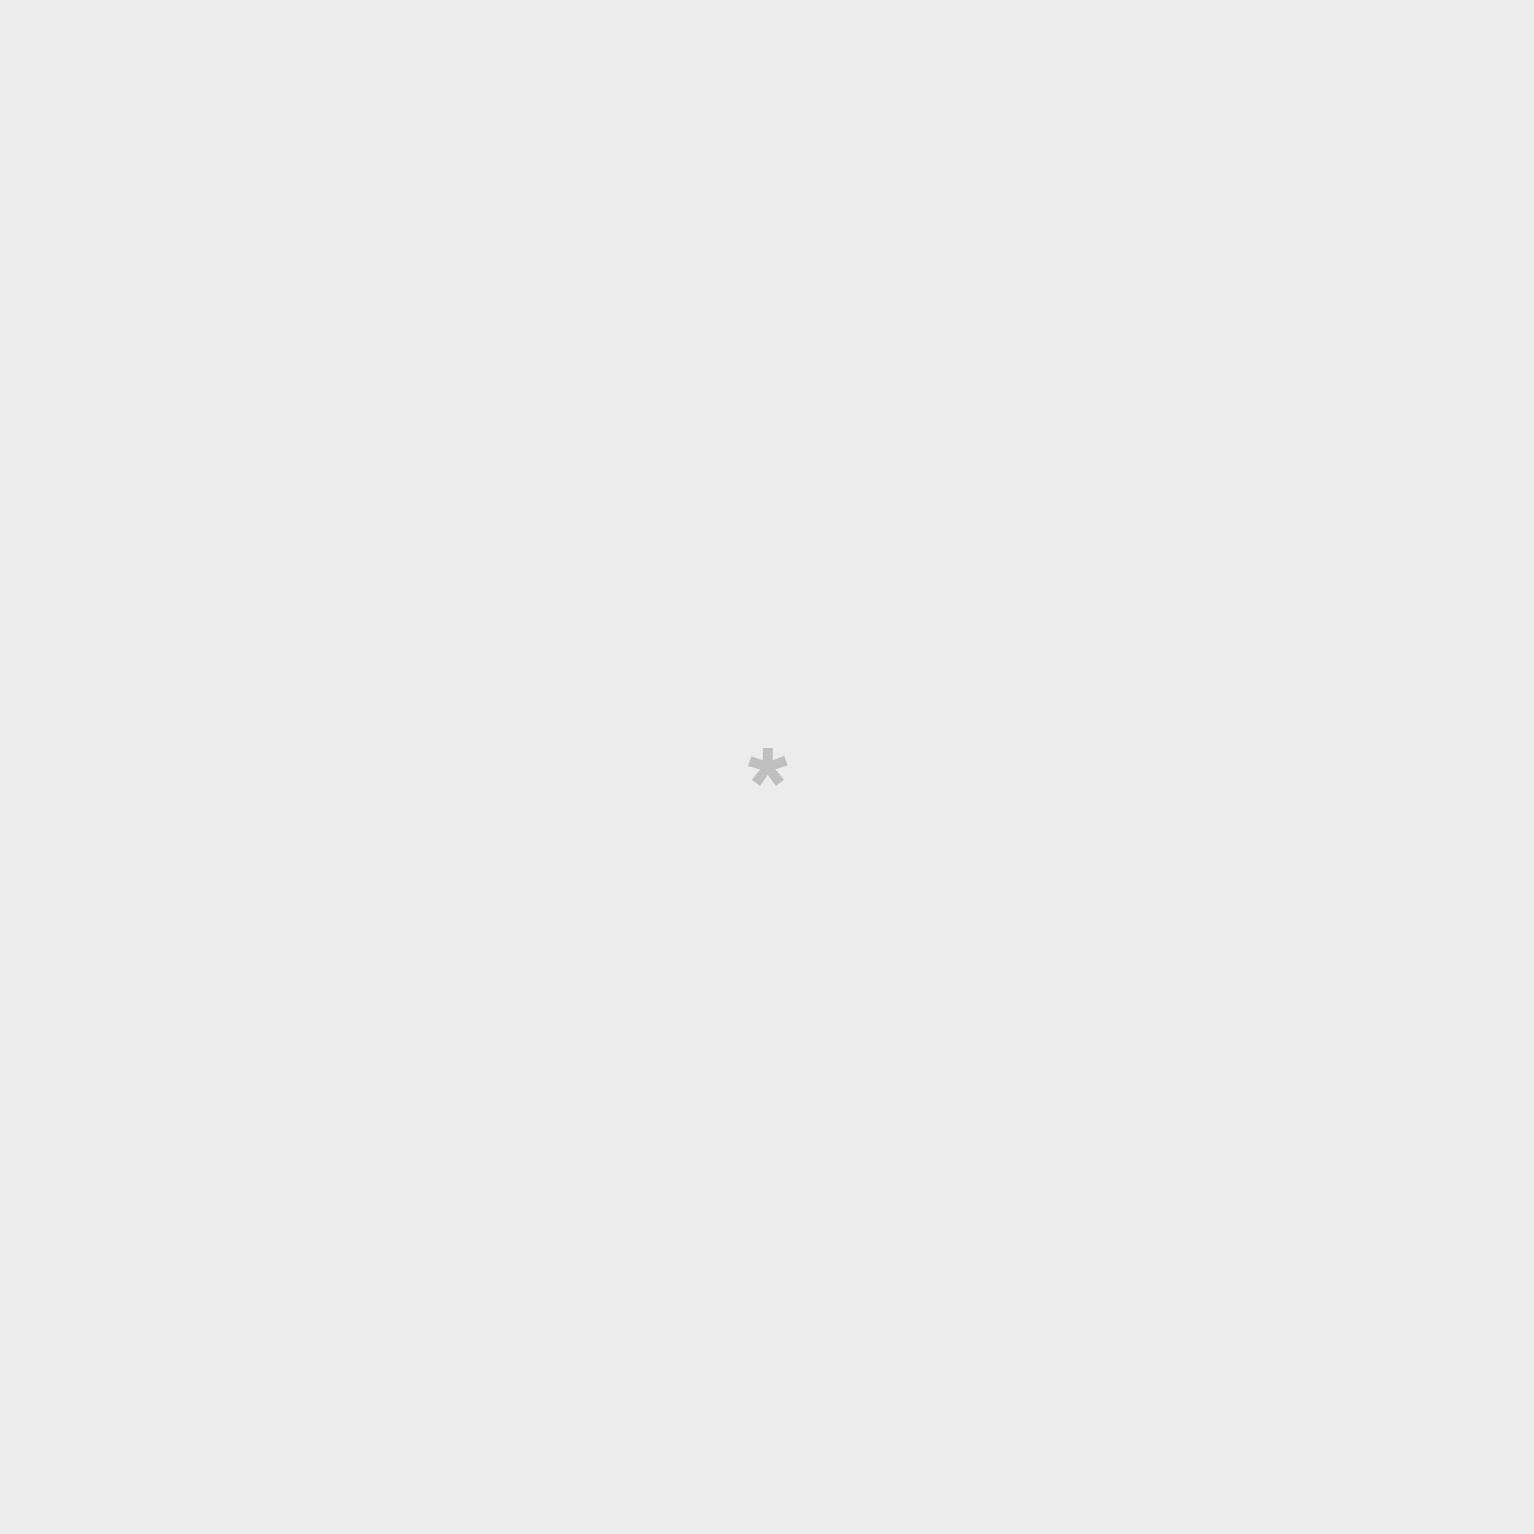 Occhiali da sole Image quadrati in celluloide - Nero + tartarugato nero